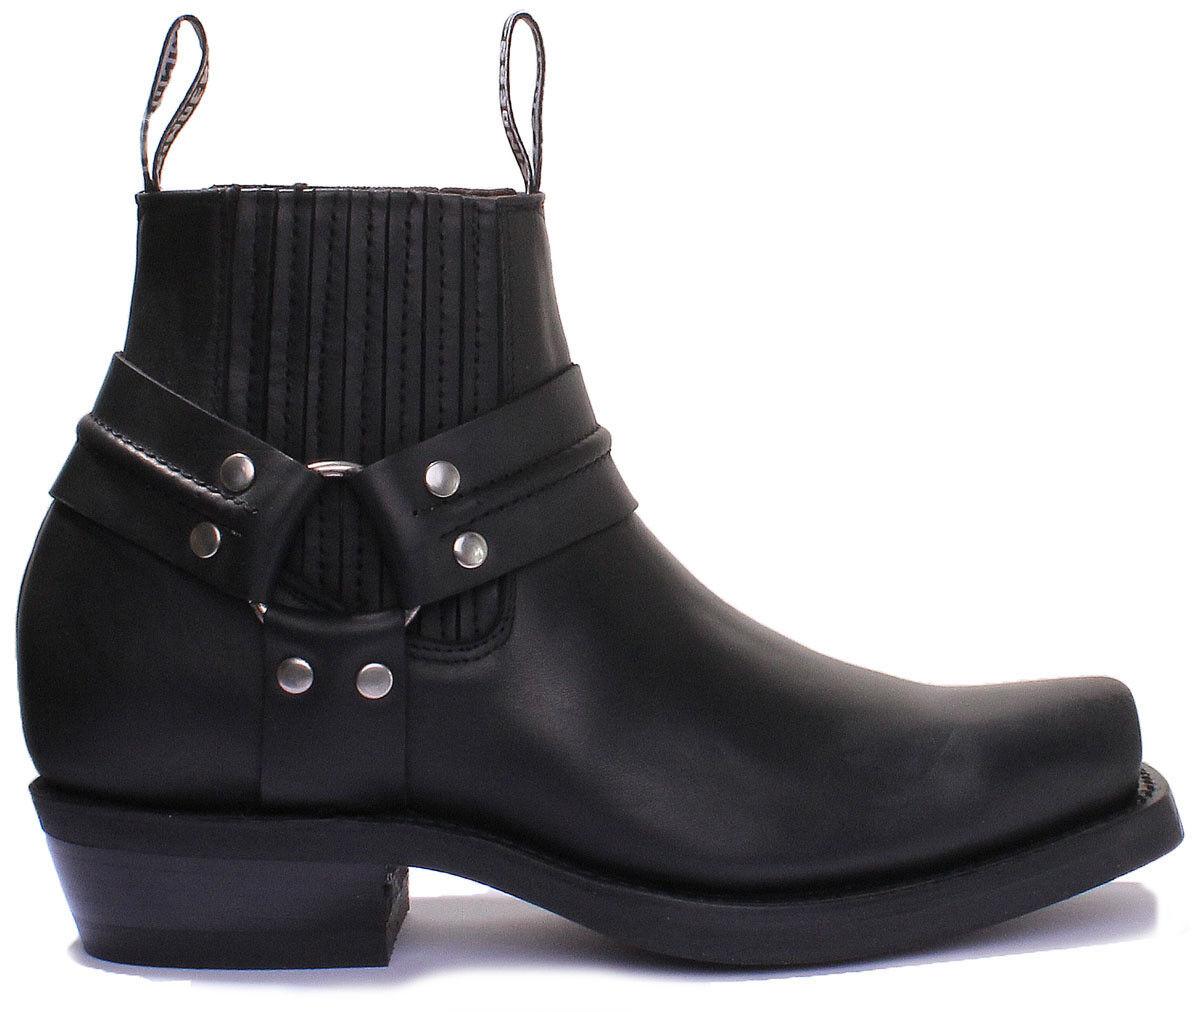 Grinders Renegade Niedrig Unisex Leder Leder Unisex Matt Cowboy Stiefel 4e05f2